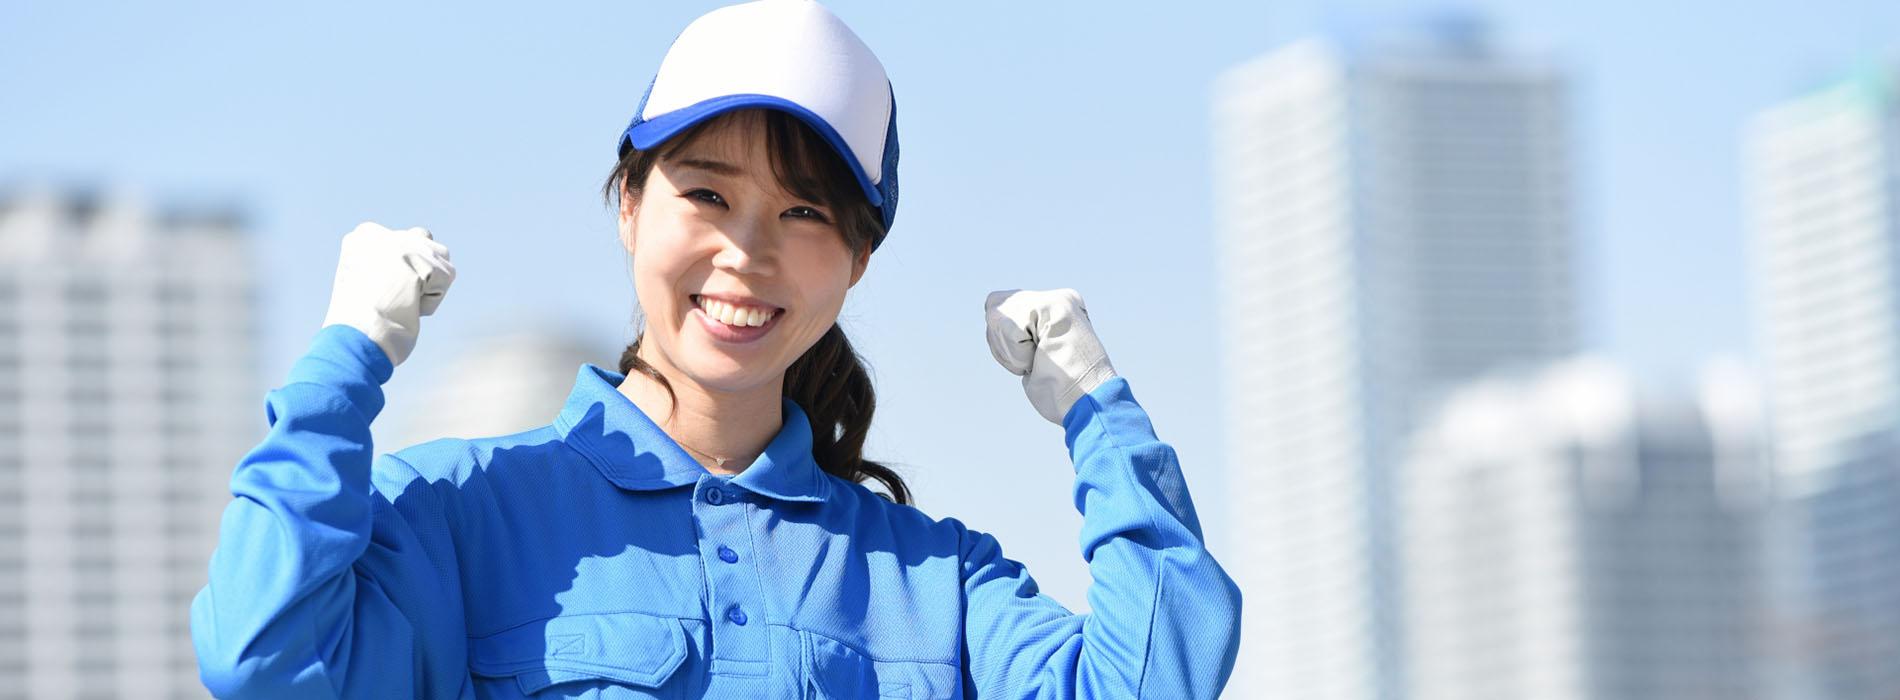 清掃作業員の笑顔の画像